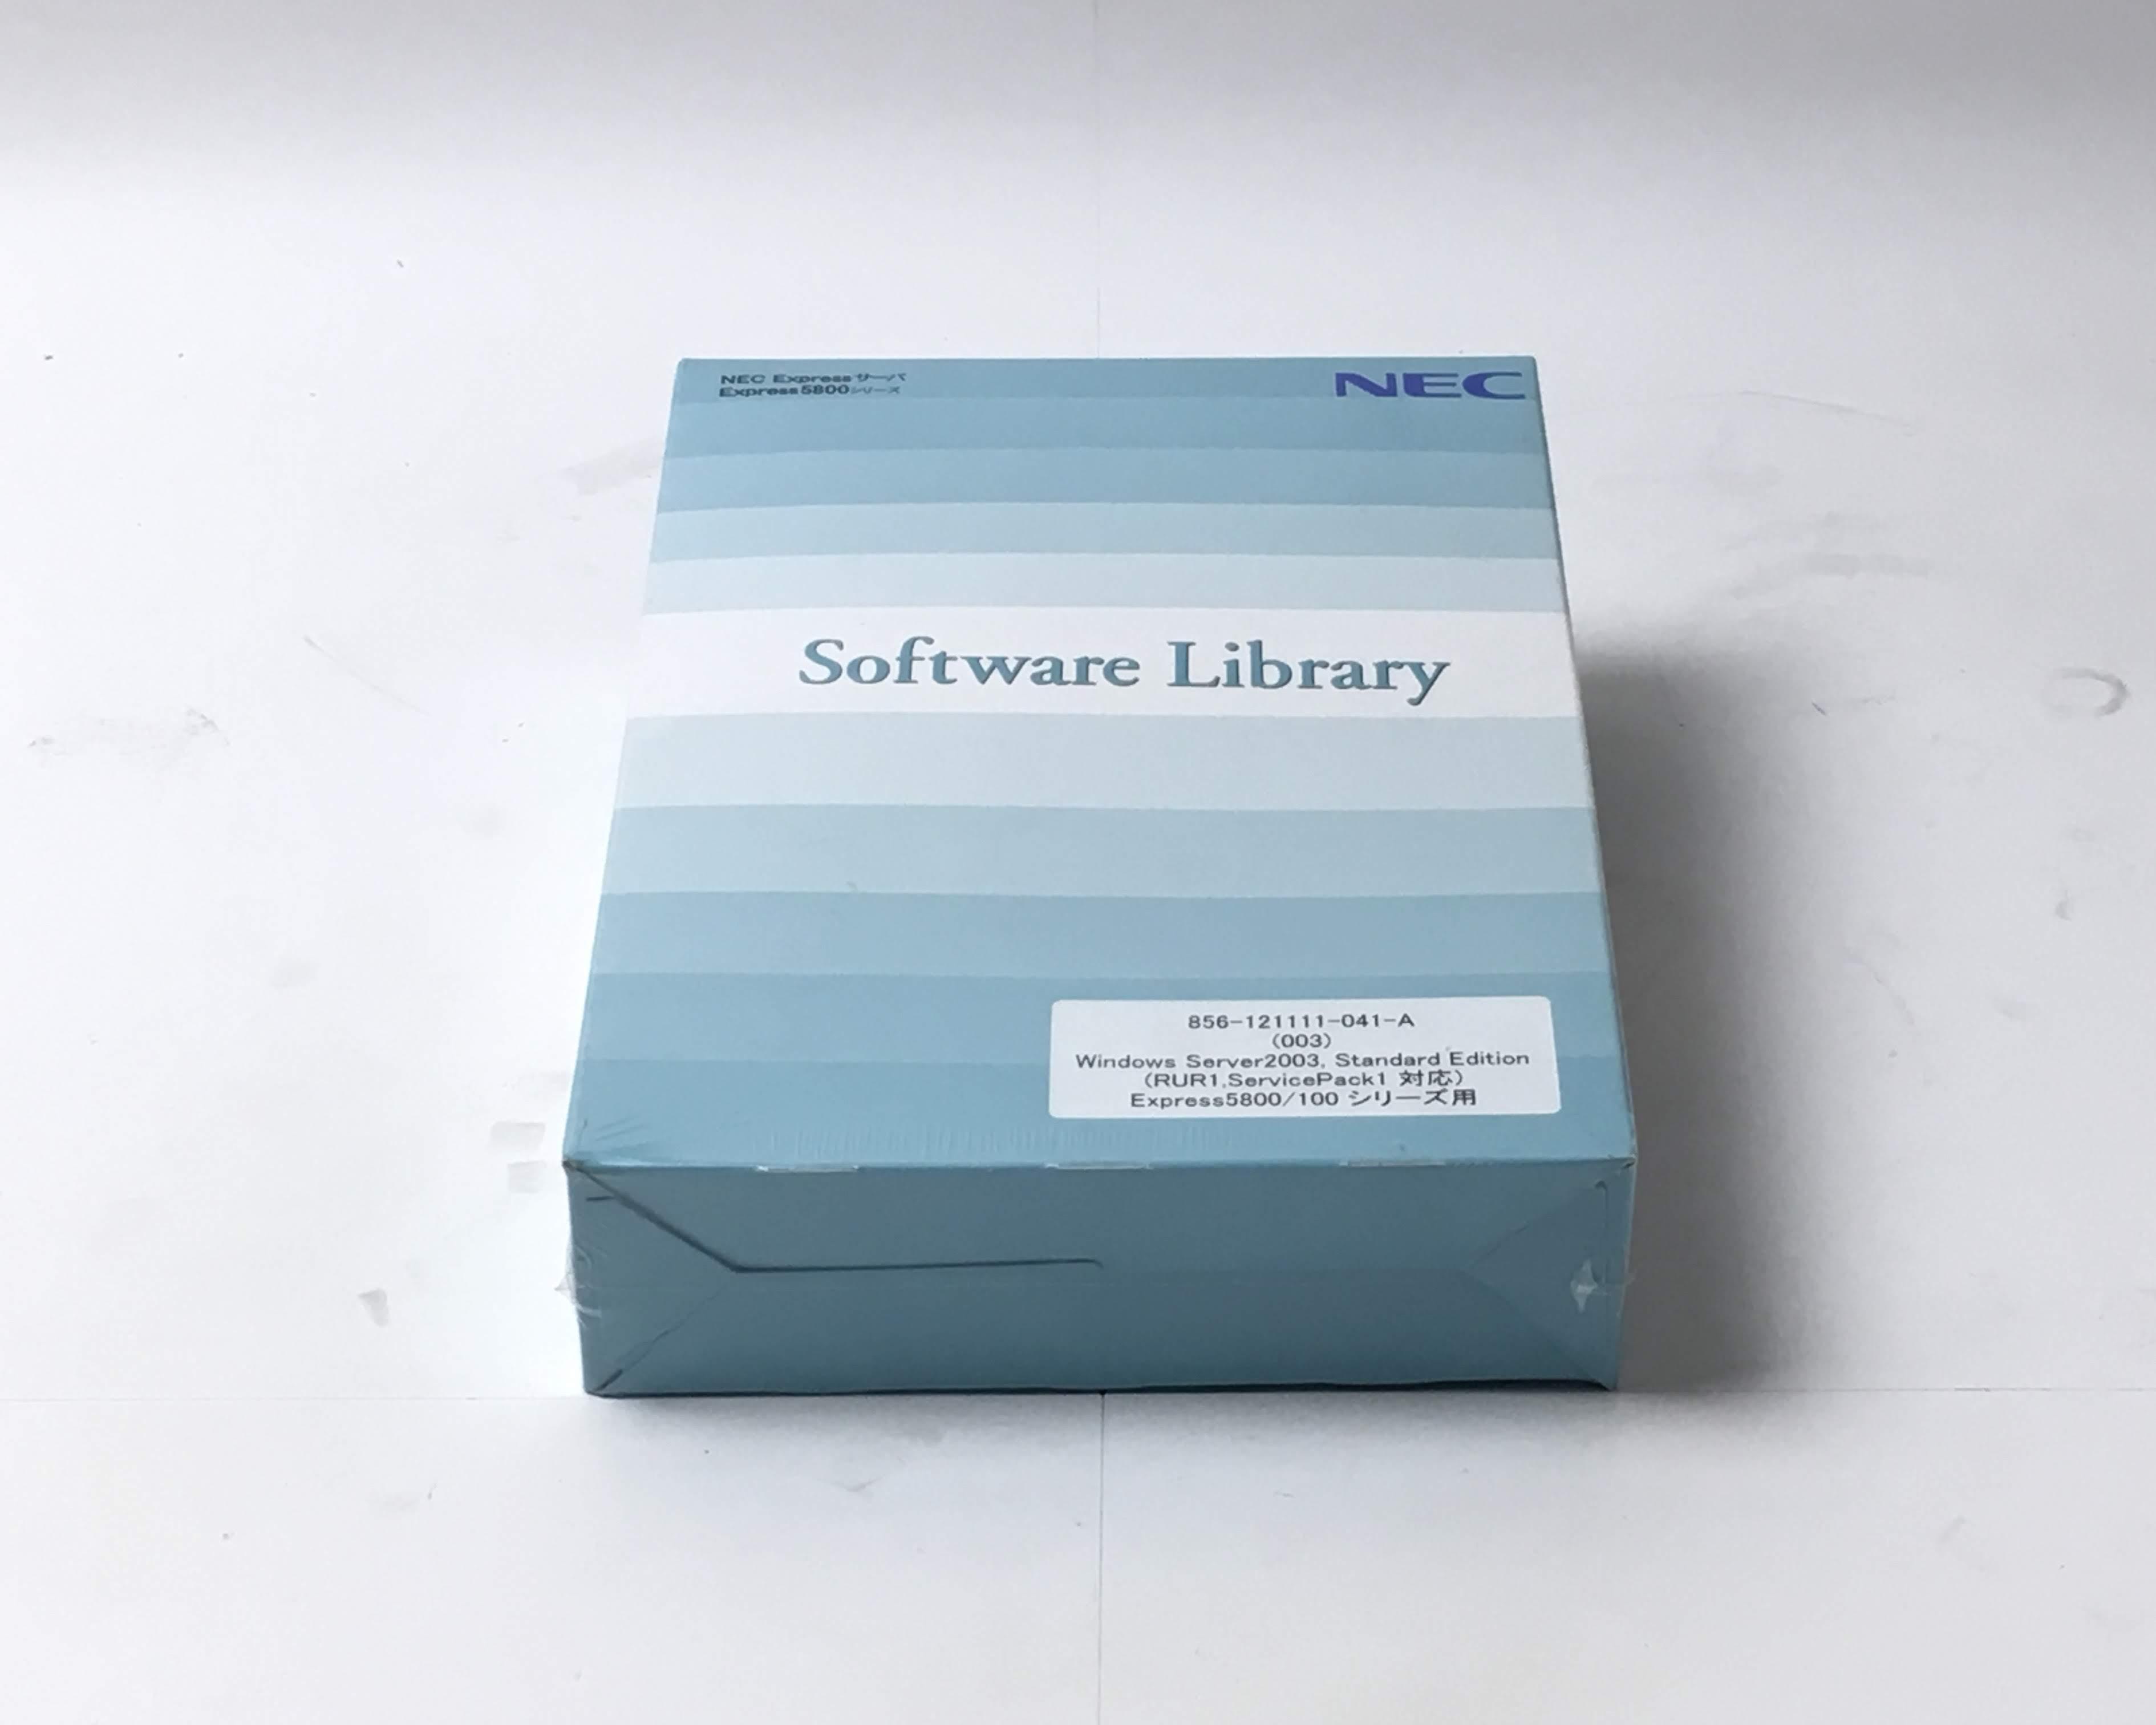 【新品】NEC Express5800シリーズ Windows Server 2003 Standard メイン画像